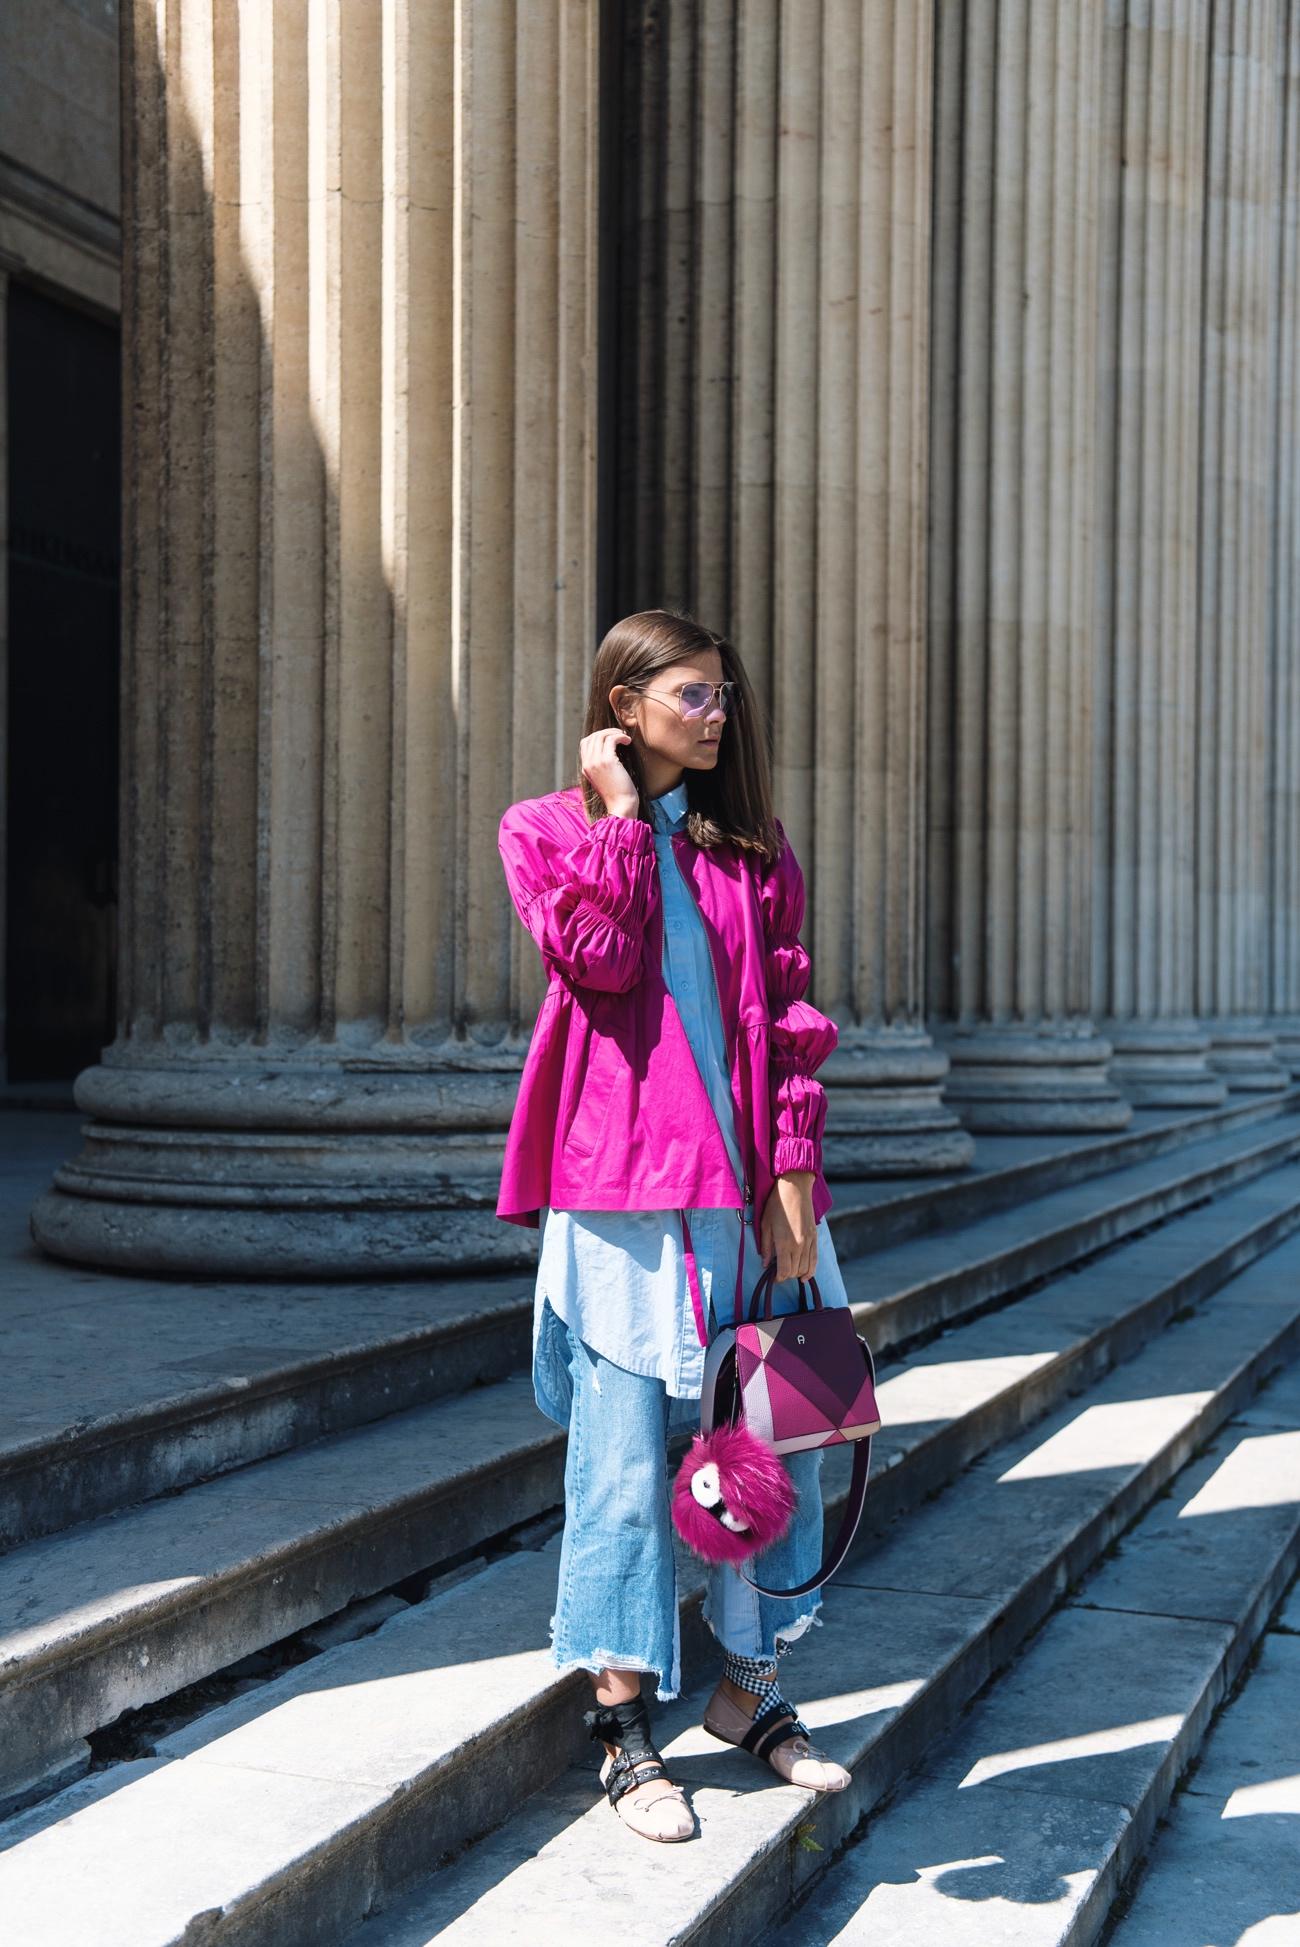 modeblog-deutschland-deutsche-mode-influencer-nina-schwichtenberg-fashiioncarpet